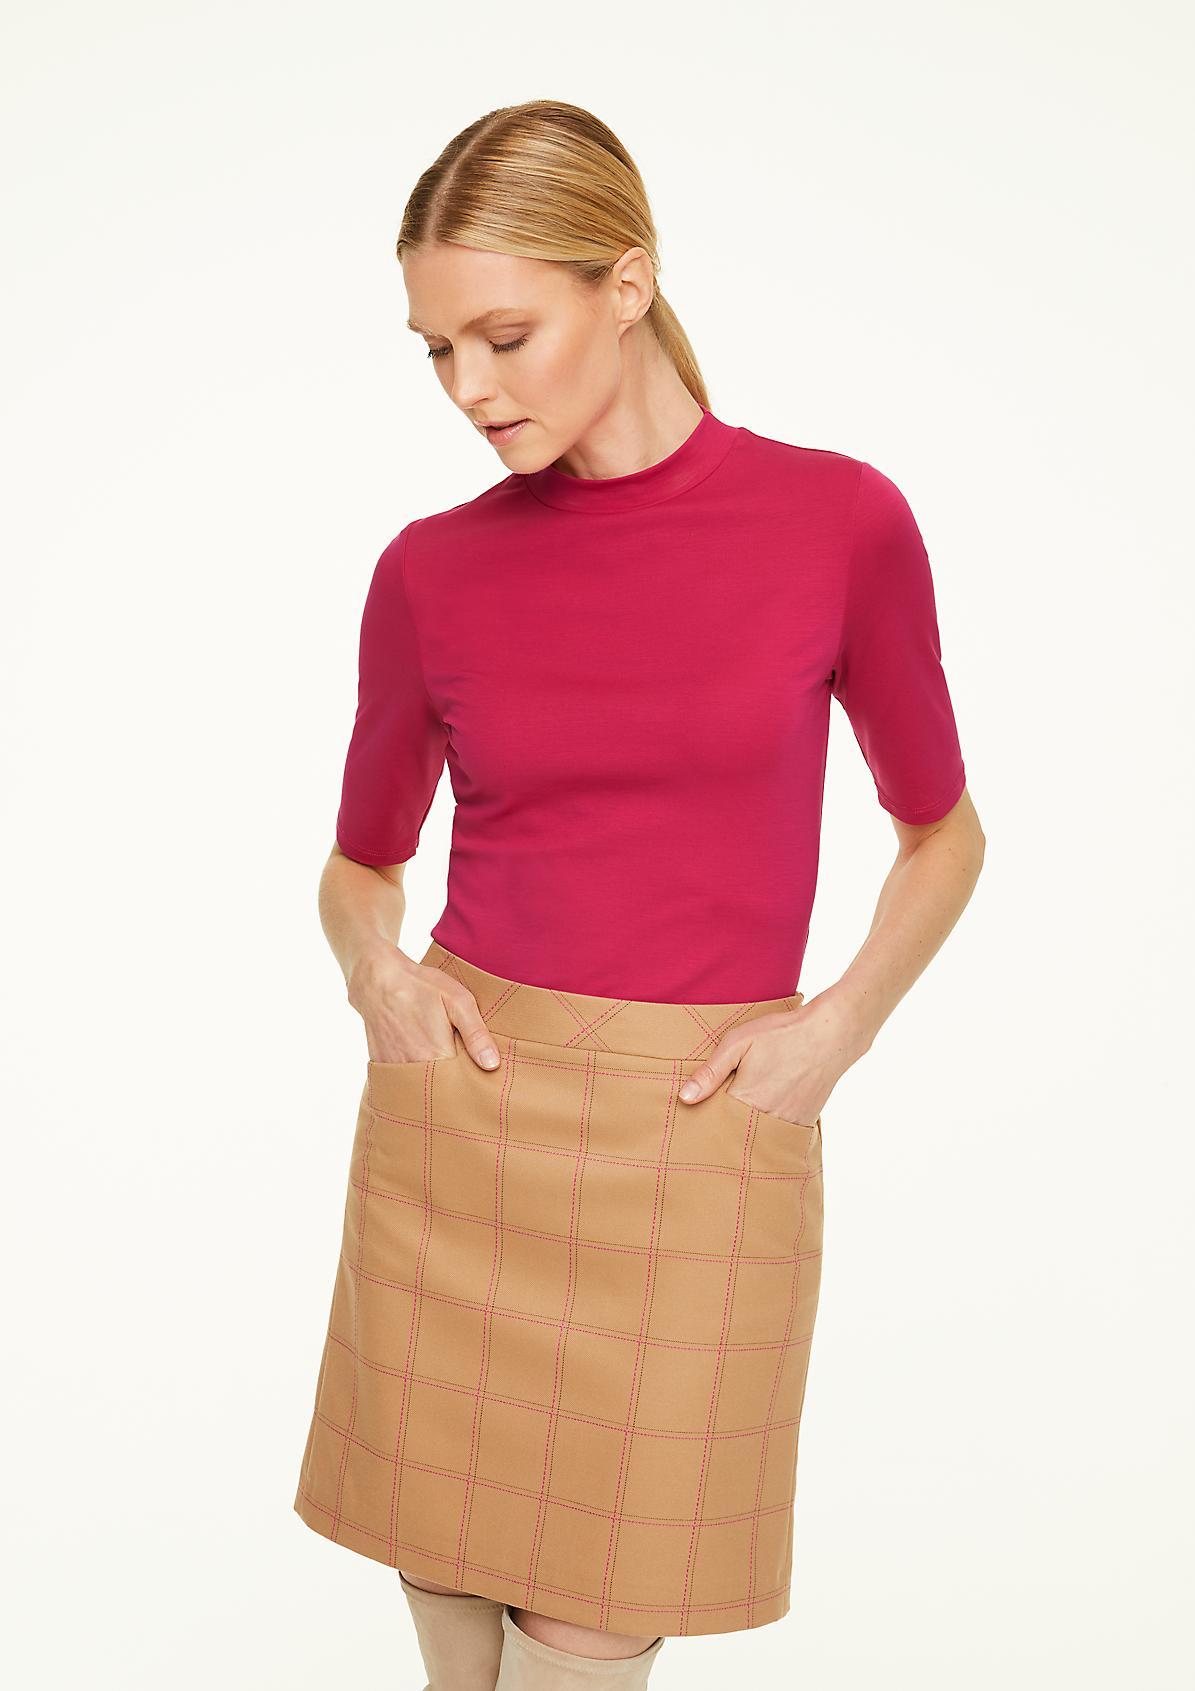 Jersey-Shirt mit halblangem Arm